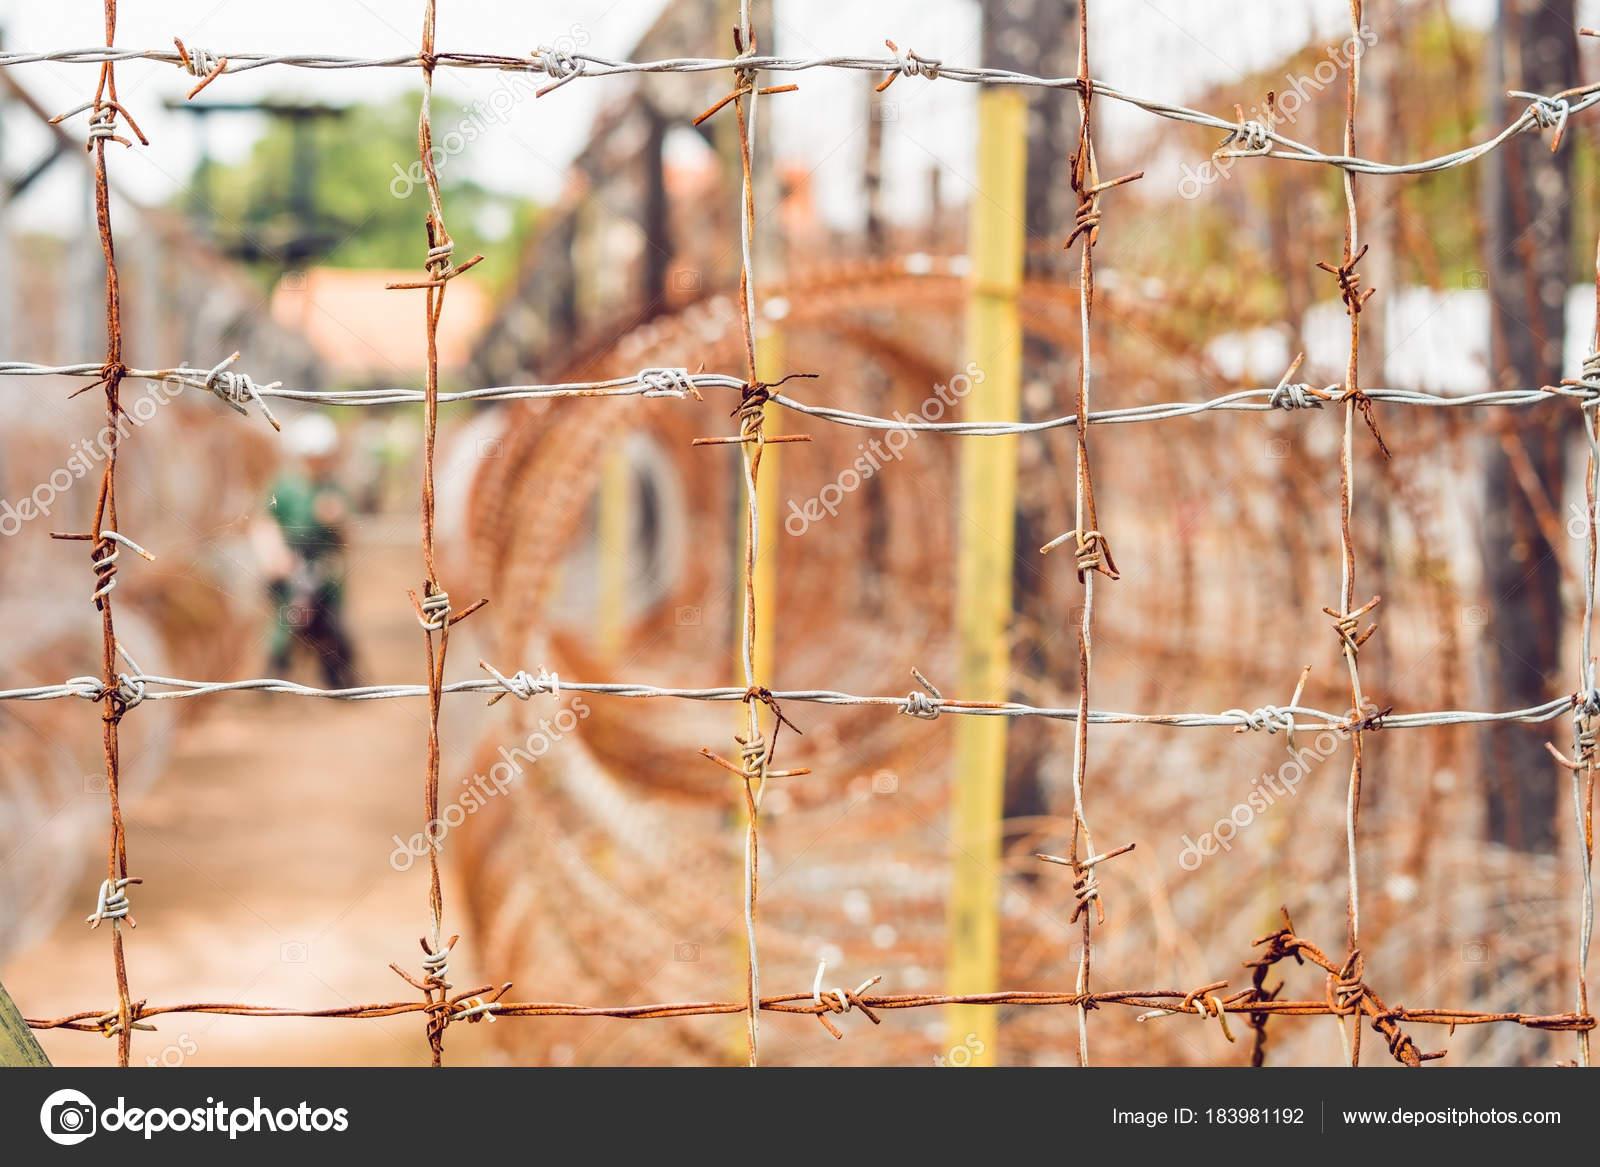 Stacheldraht Einen Zaun Gefängnis Und Die Silhouette Der ...